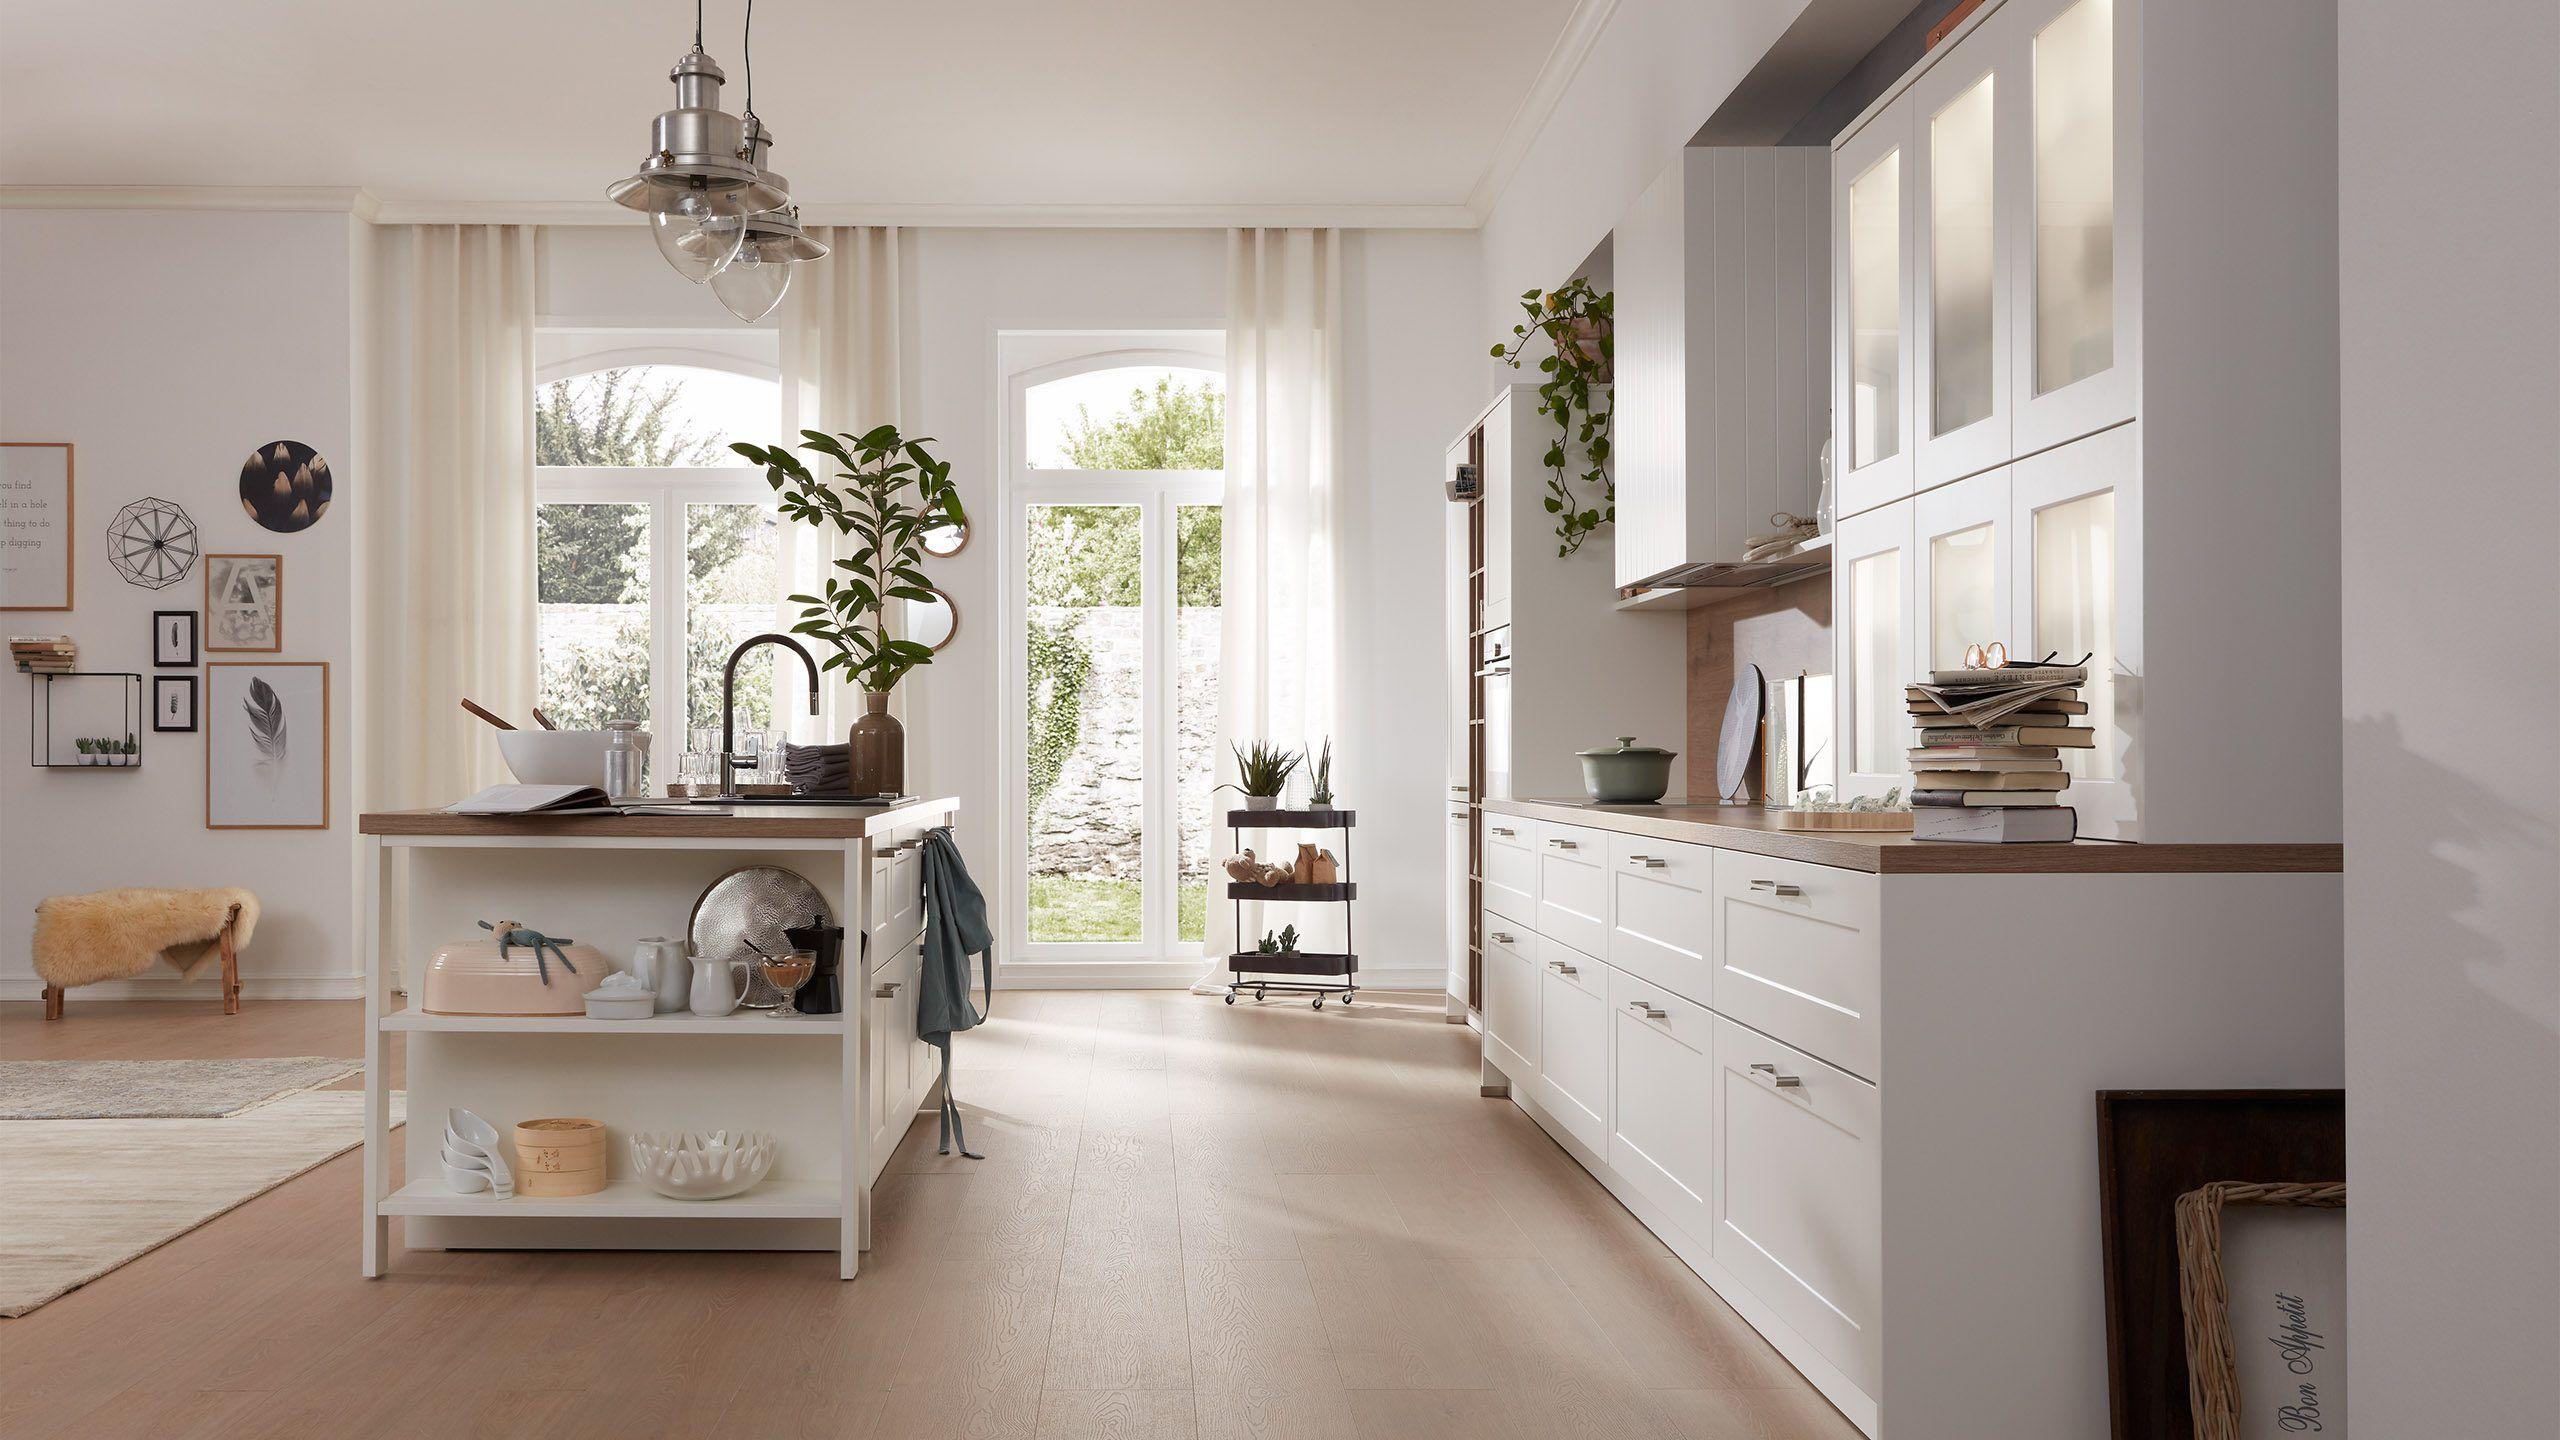 Küche Serie 3002   Landhausküche, Haus deko, Haus küchen